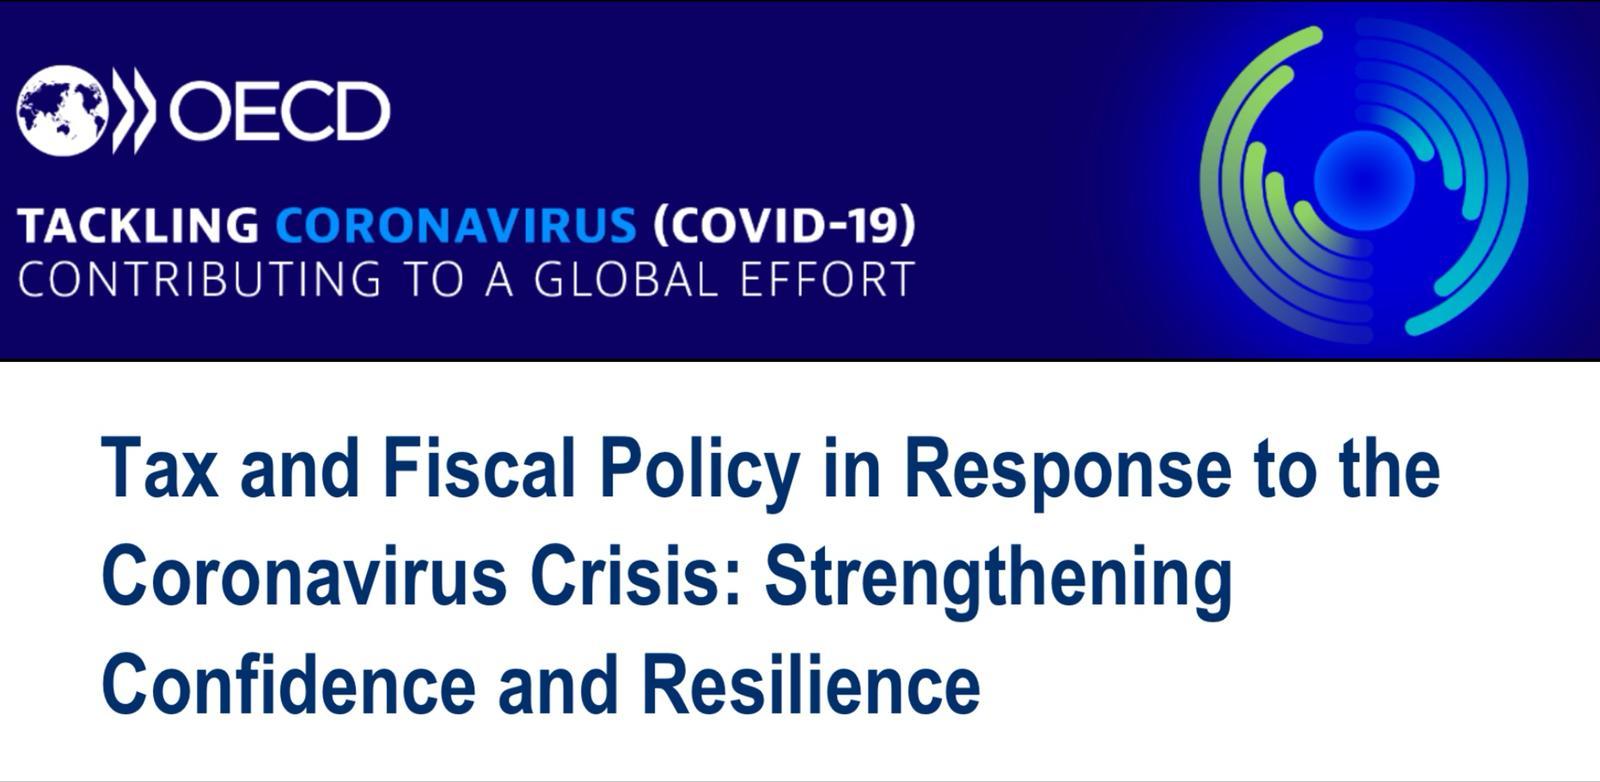 OECD Koronavirüse Karşı Vergi ve Mali Politikalar Raporunu Yayınladı